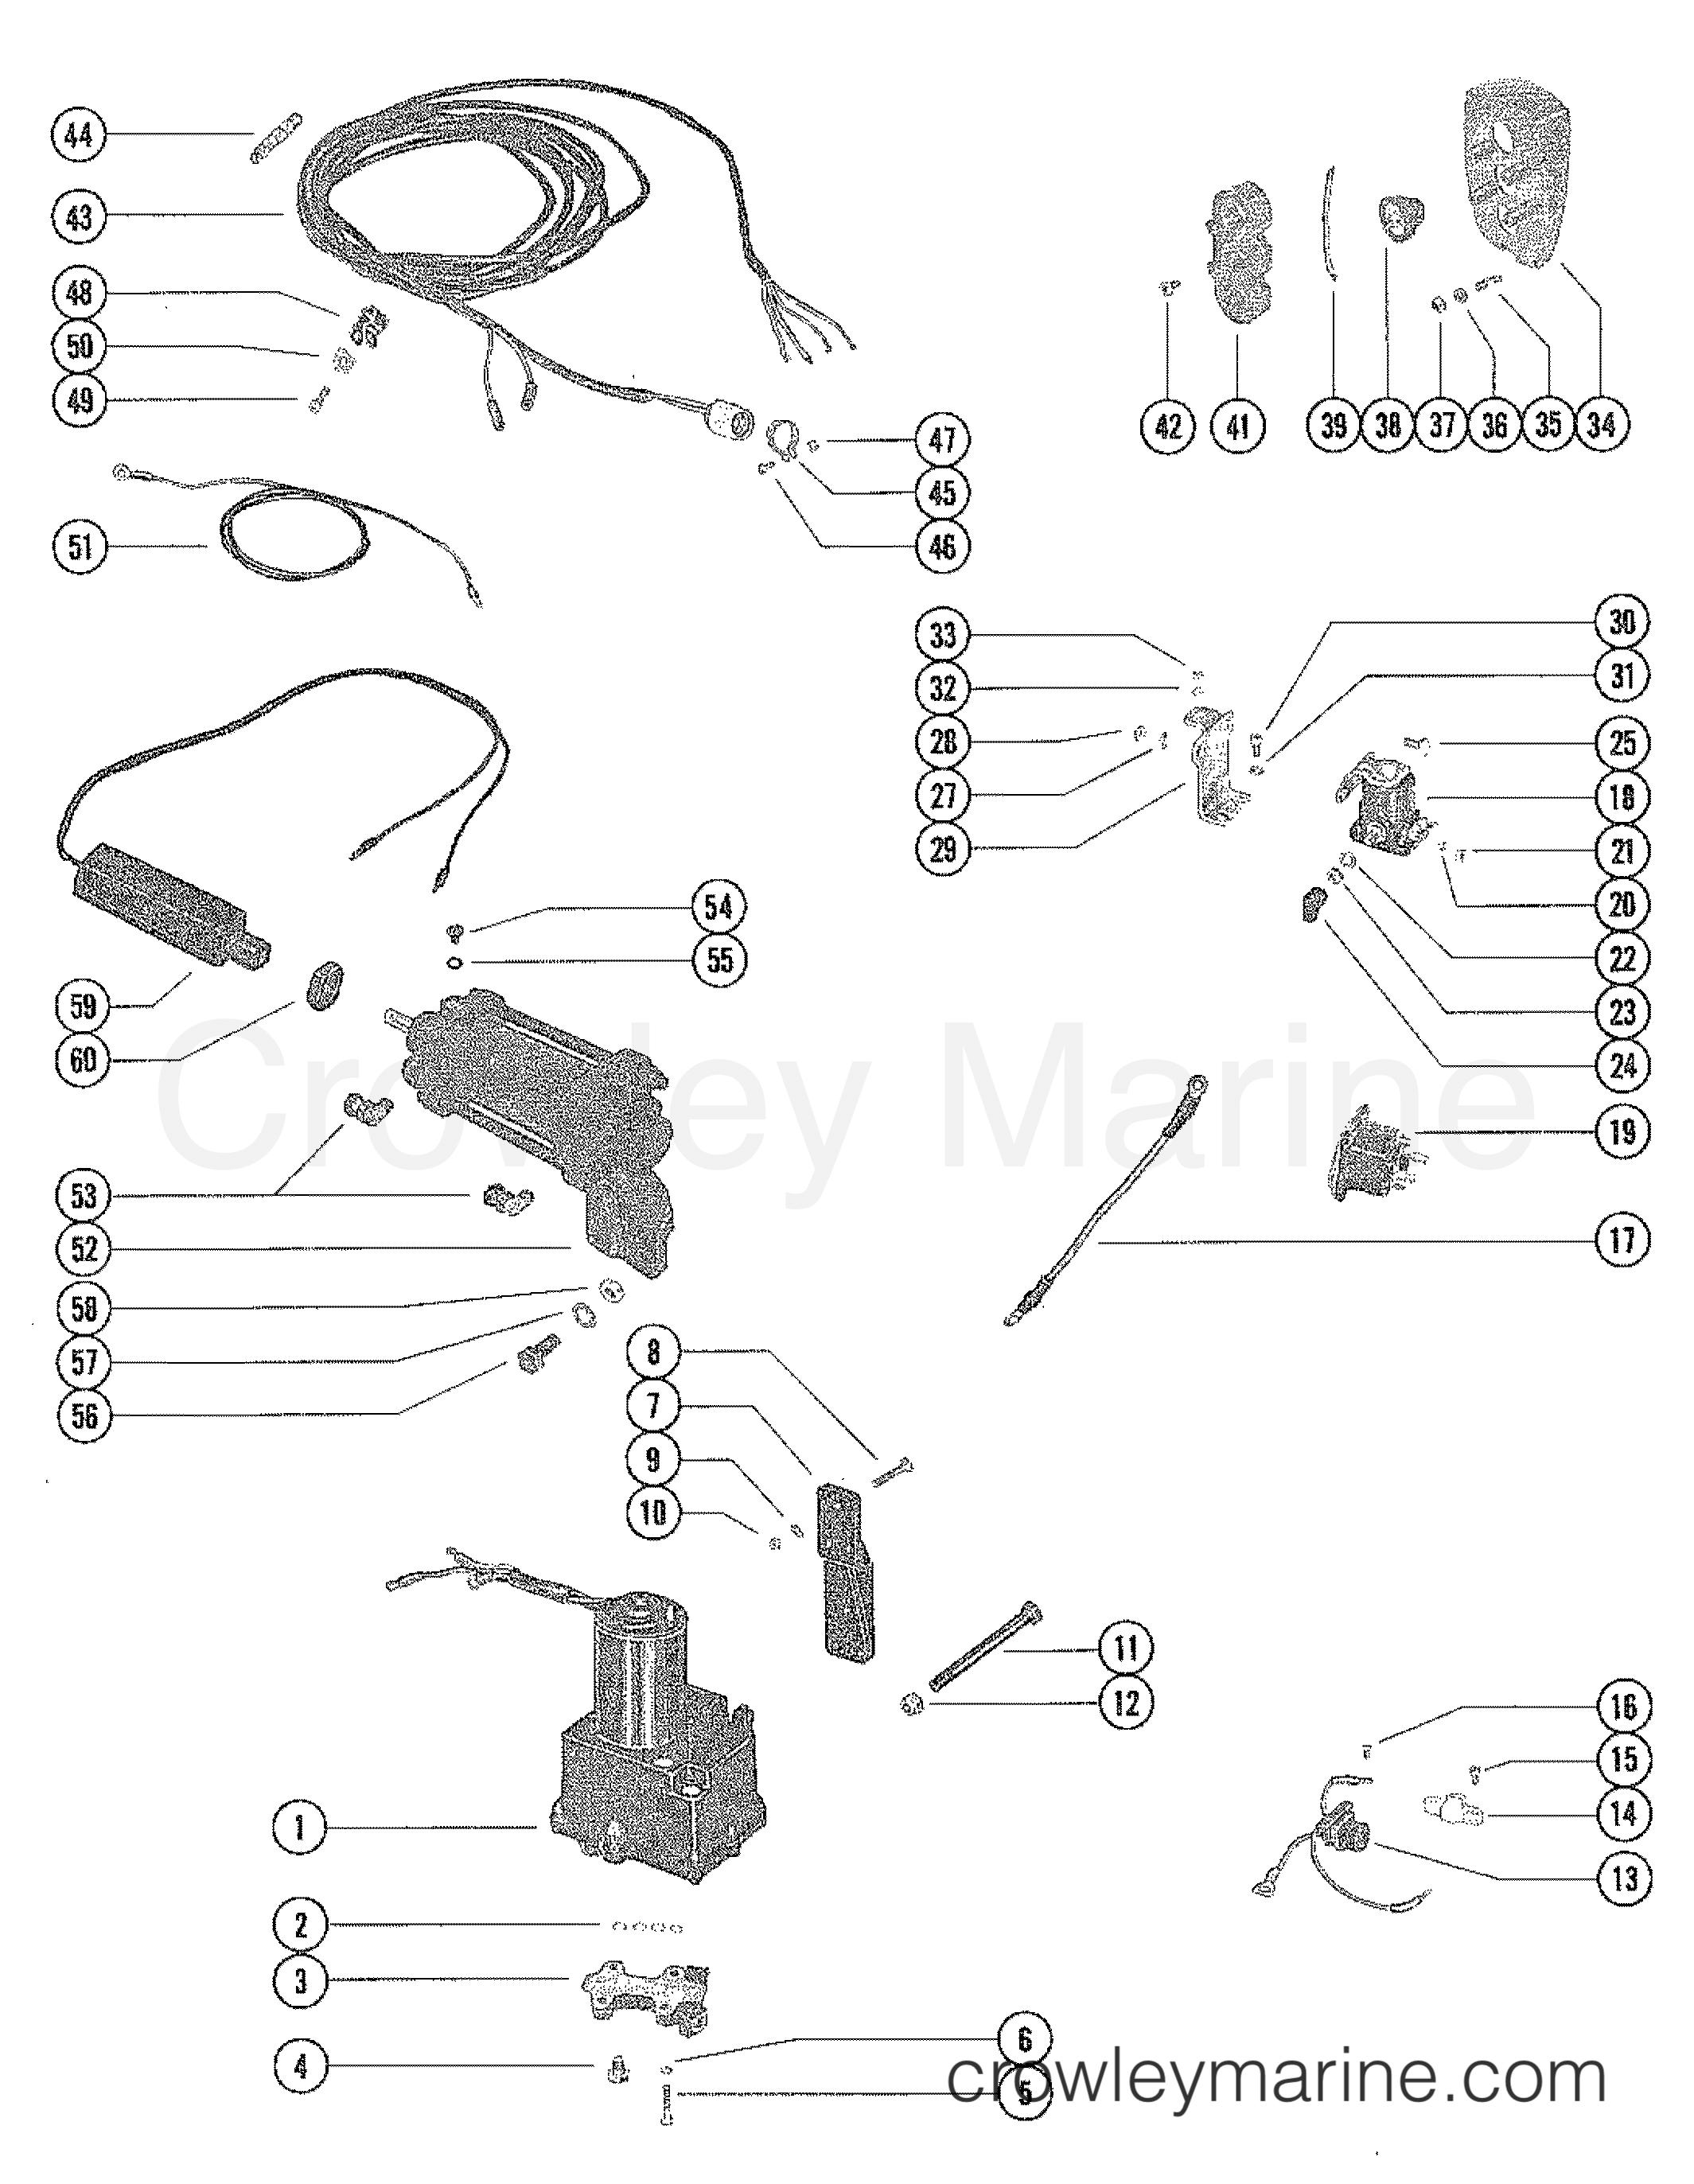 1977 Mercury 500 Manual